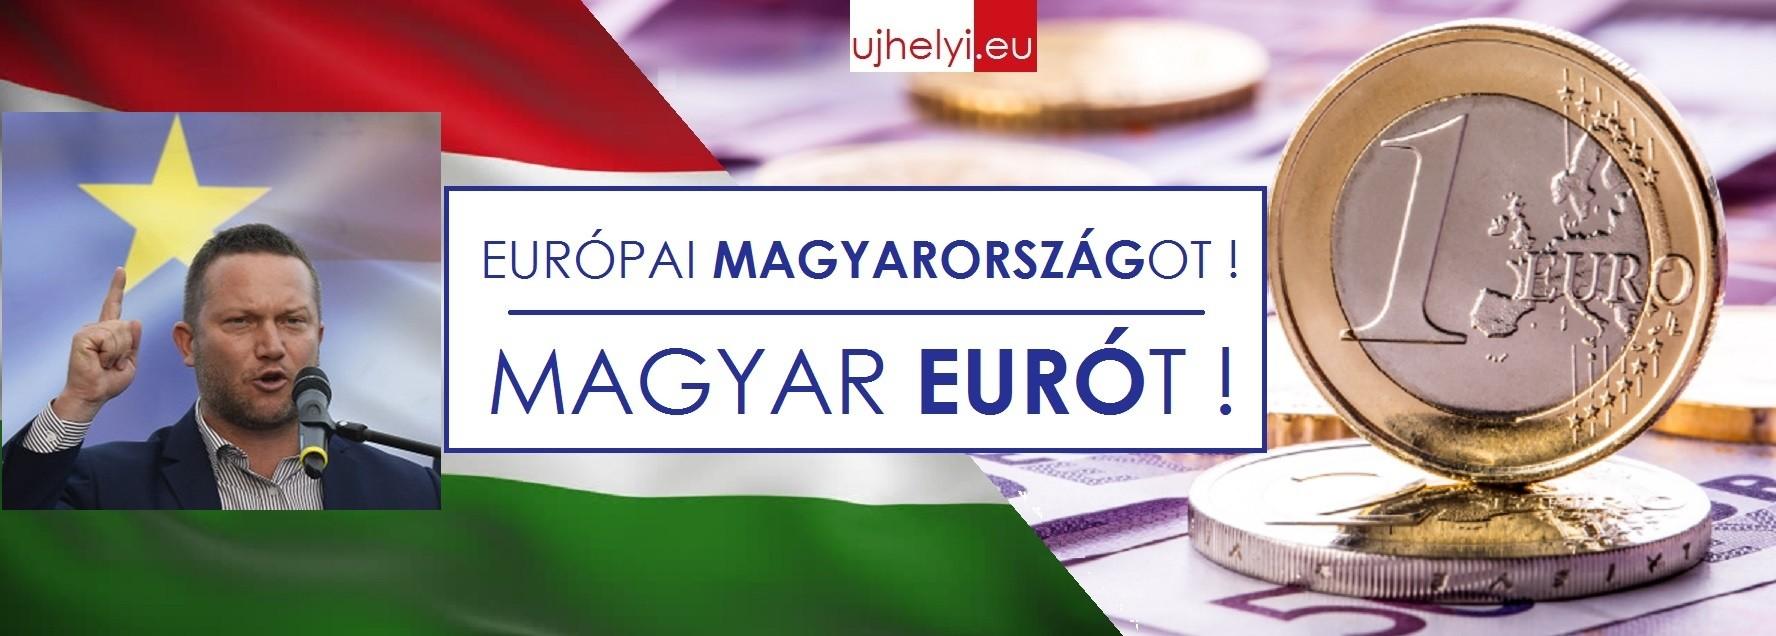 ujhelyi-istvan-eurot-akar-magyarorszagra2